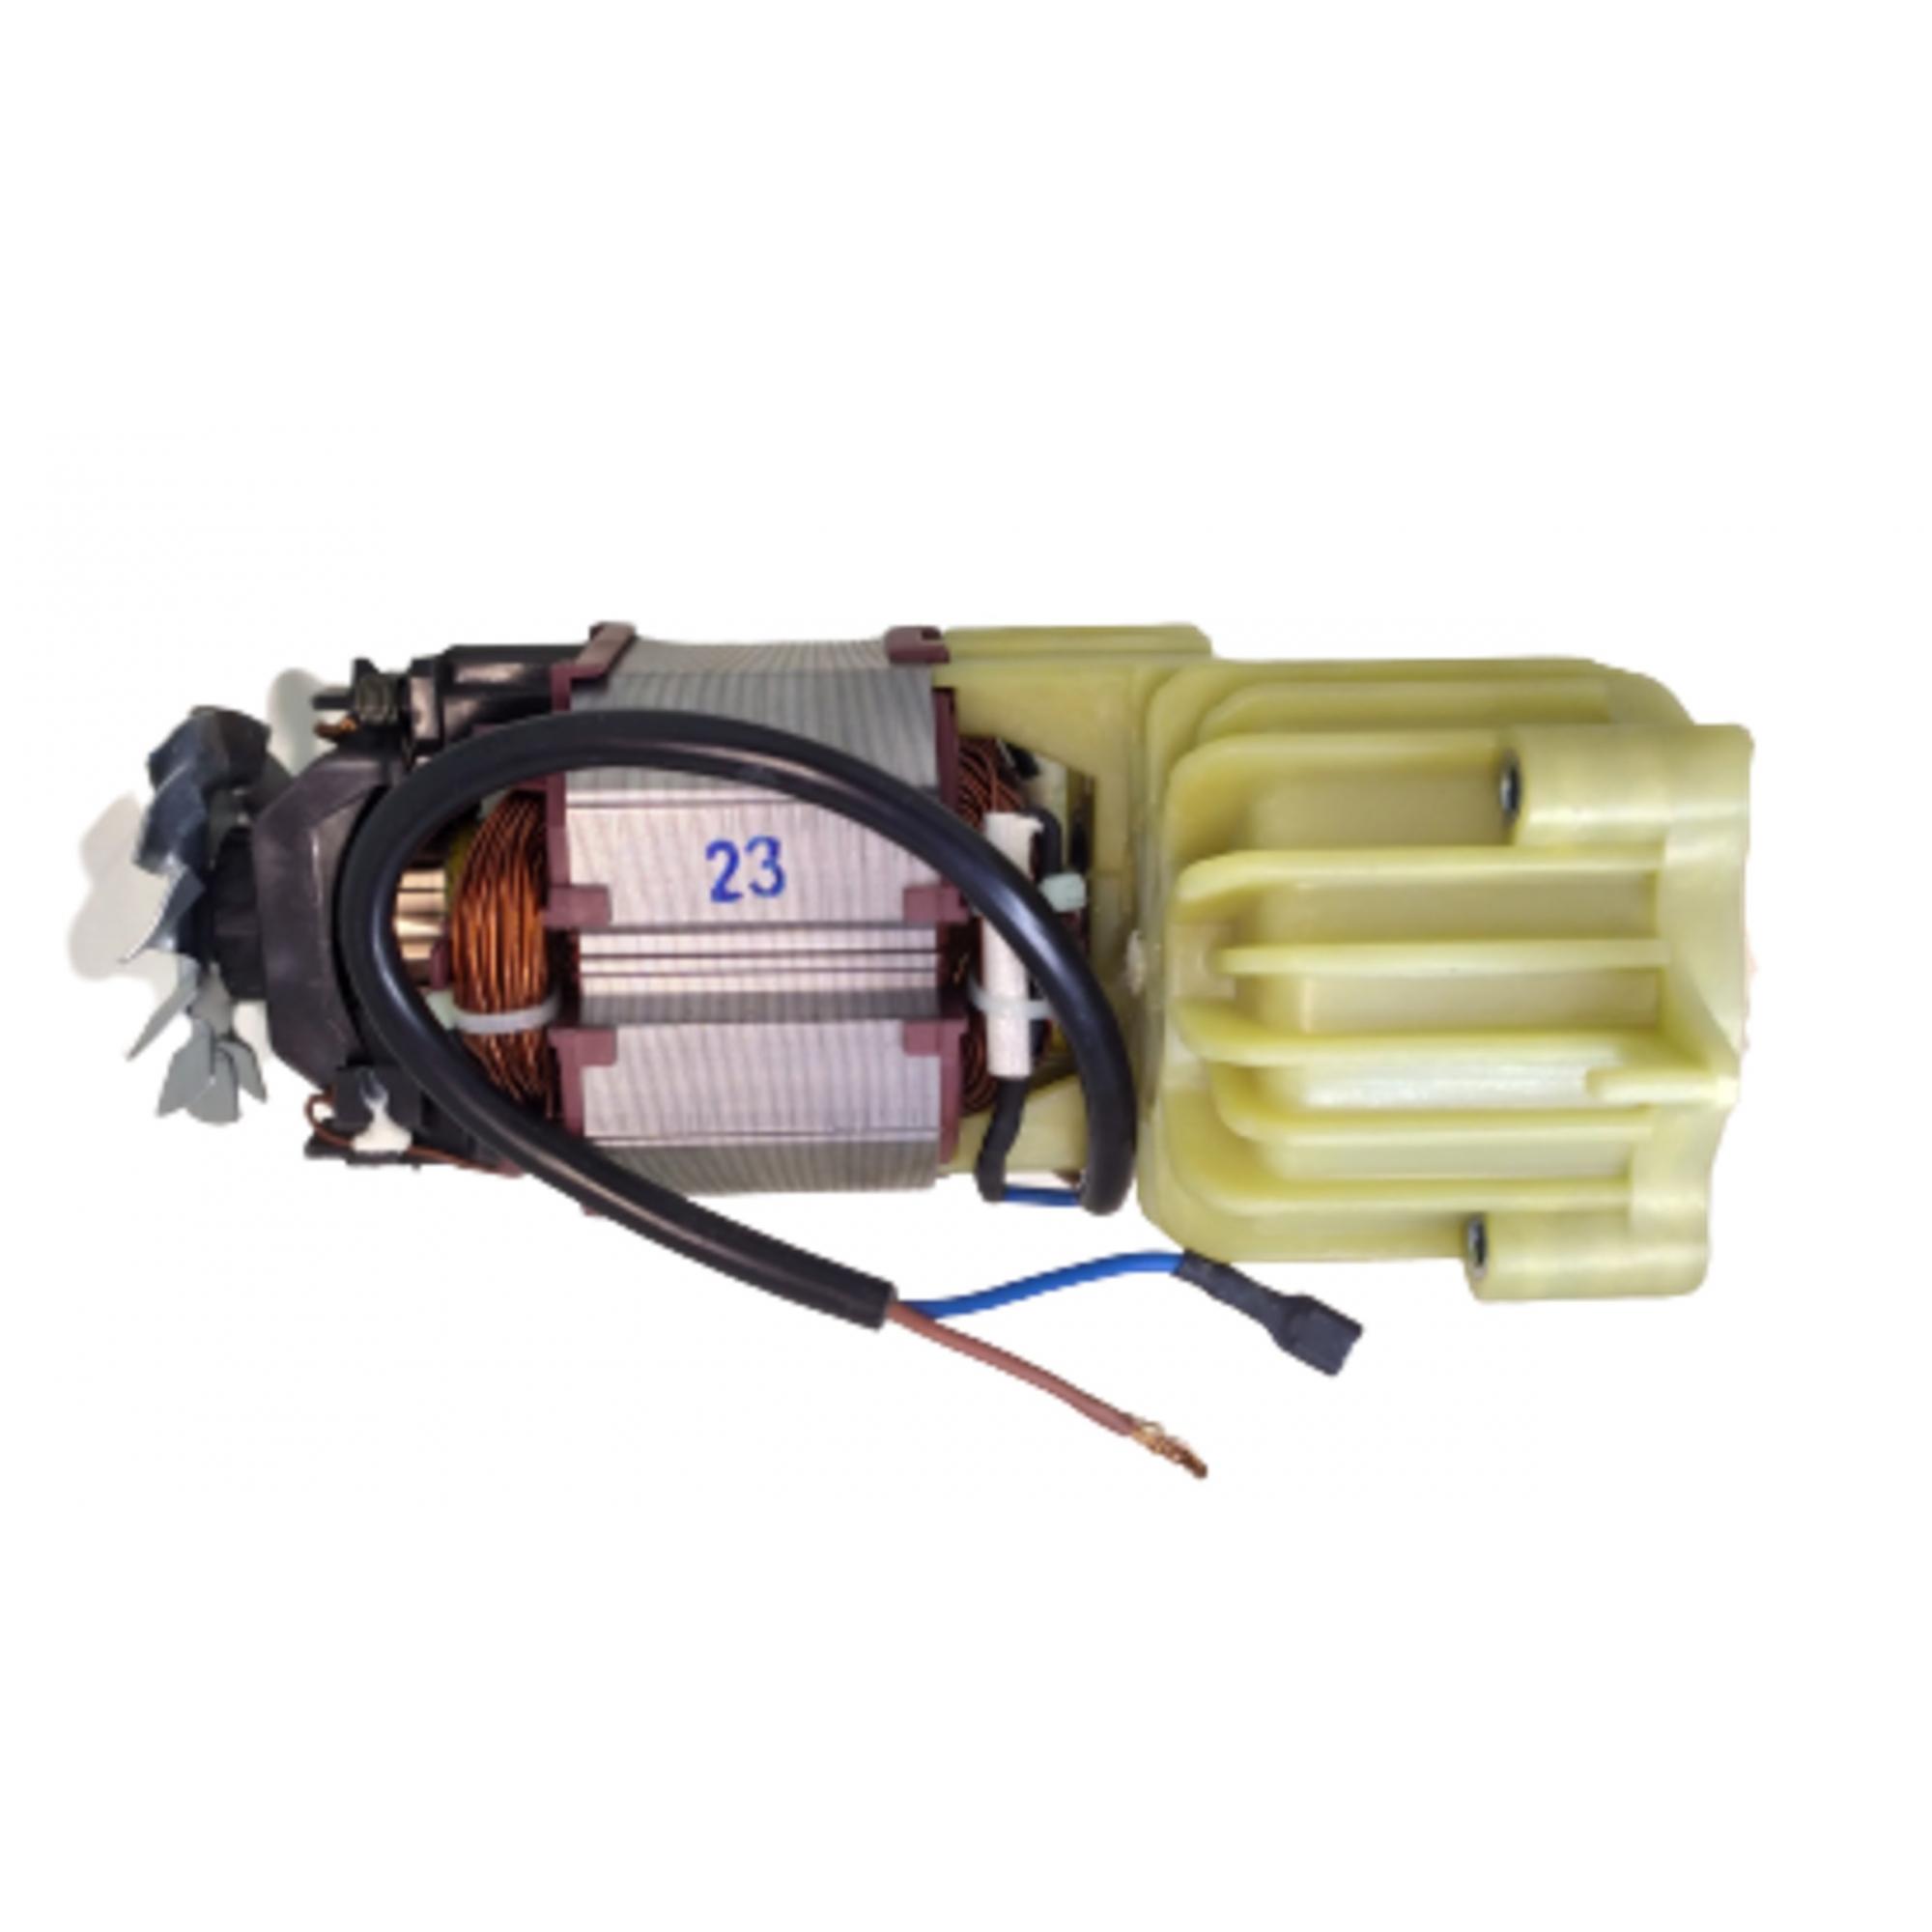 MOTOR LAVADORA ELECTROLUX ULTRA WASH UWS31 127V